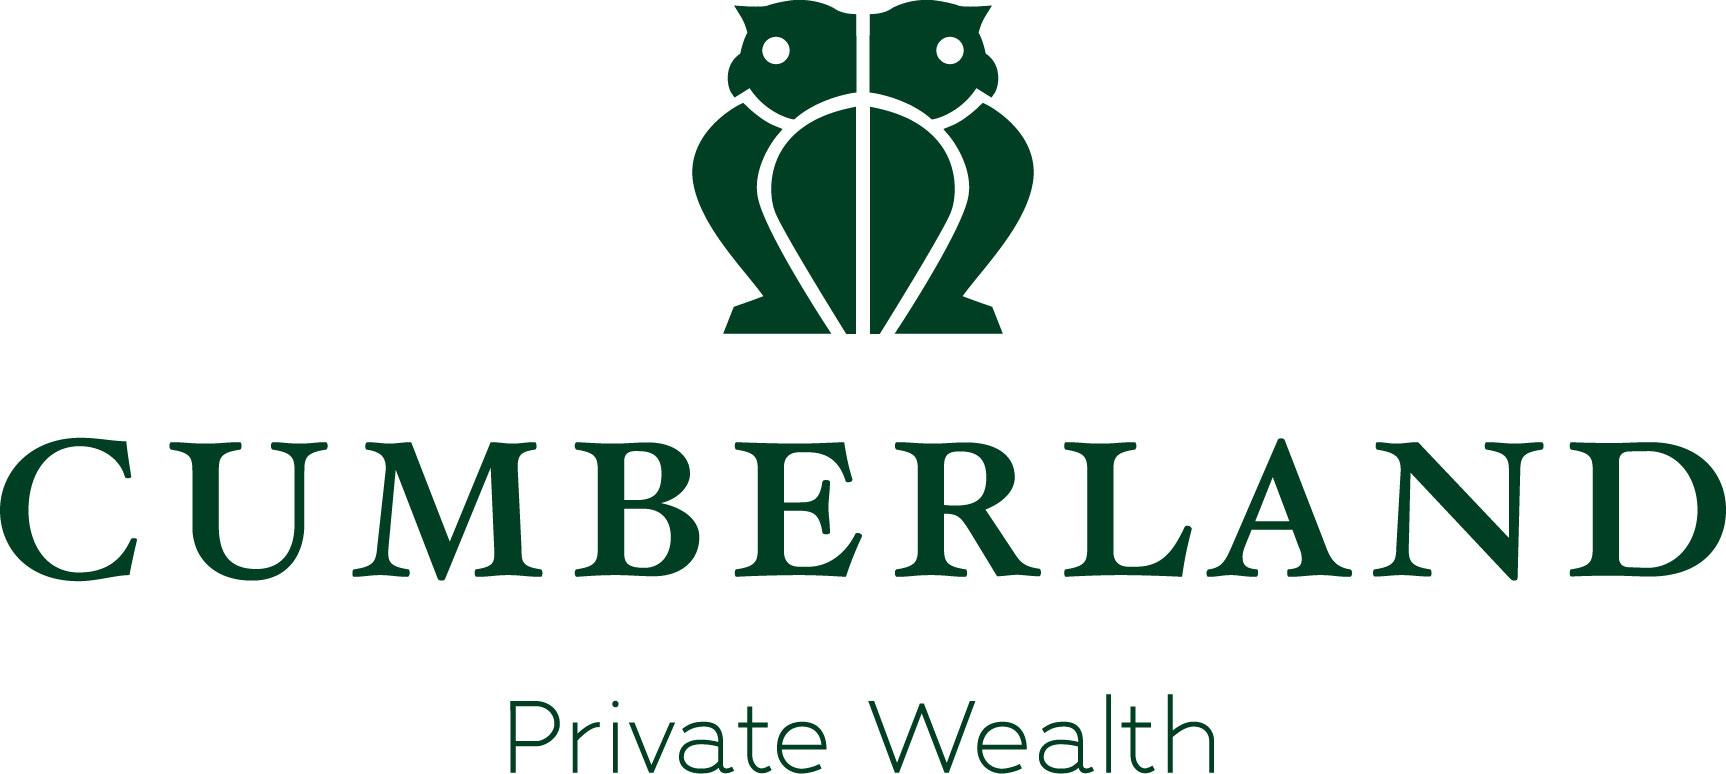 Cumberland Private Wealth